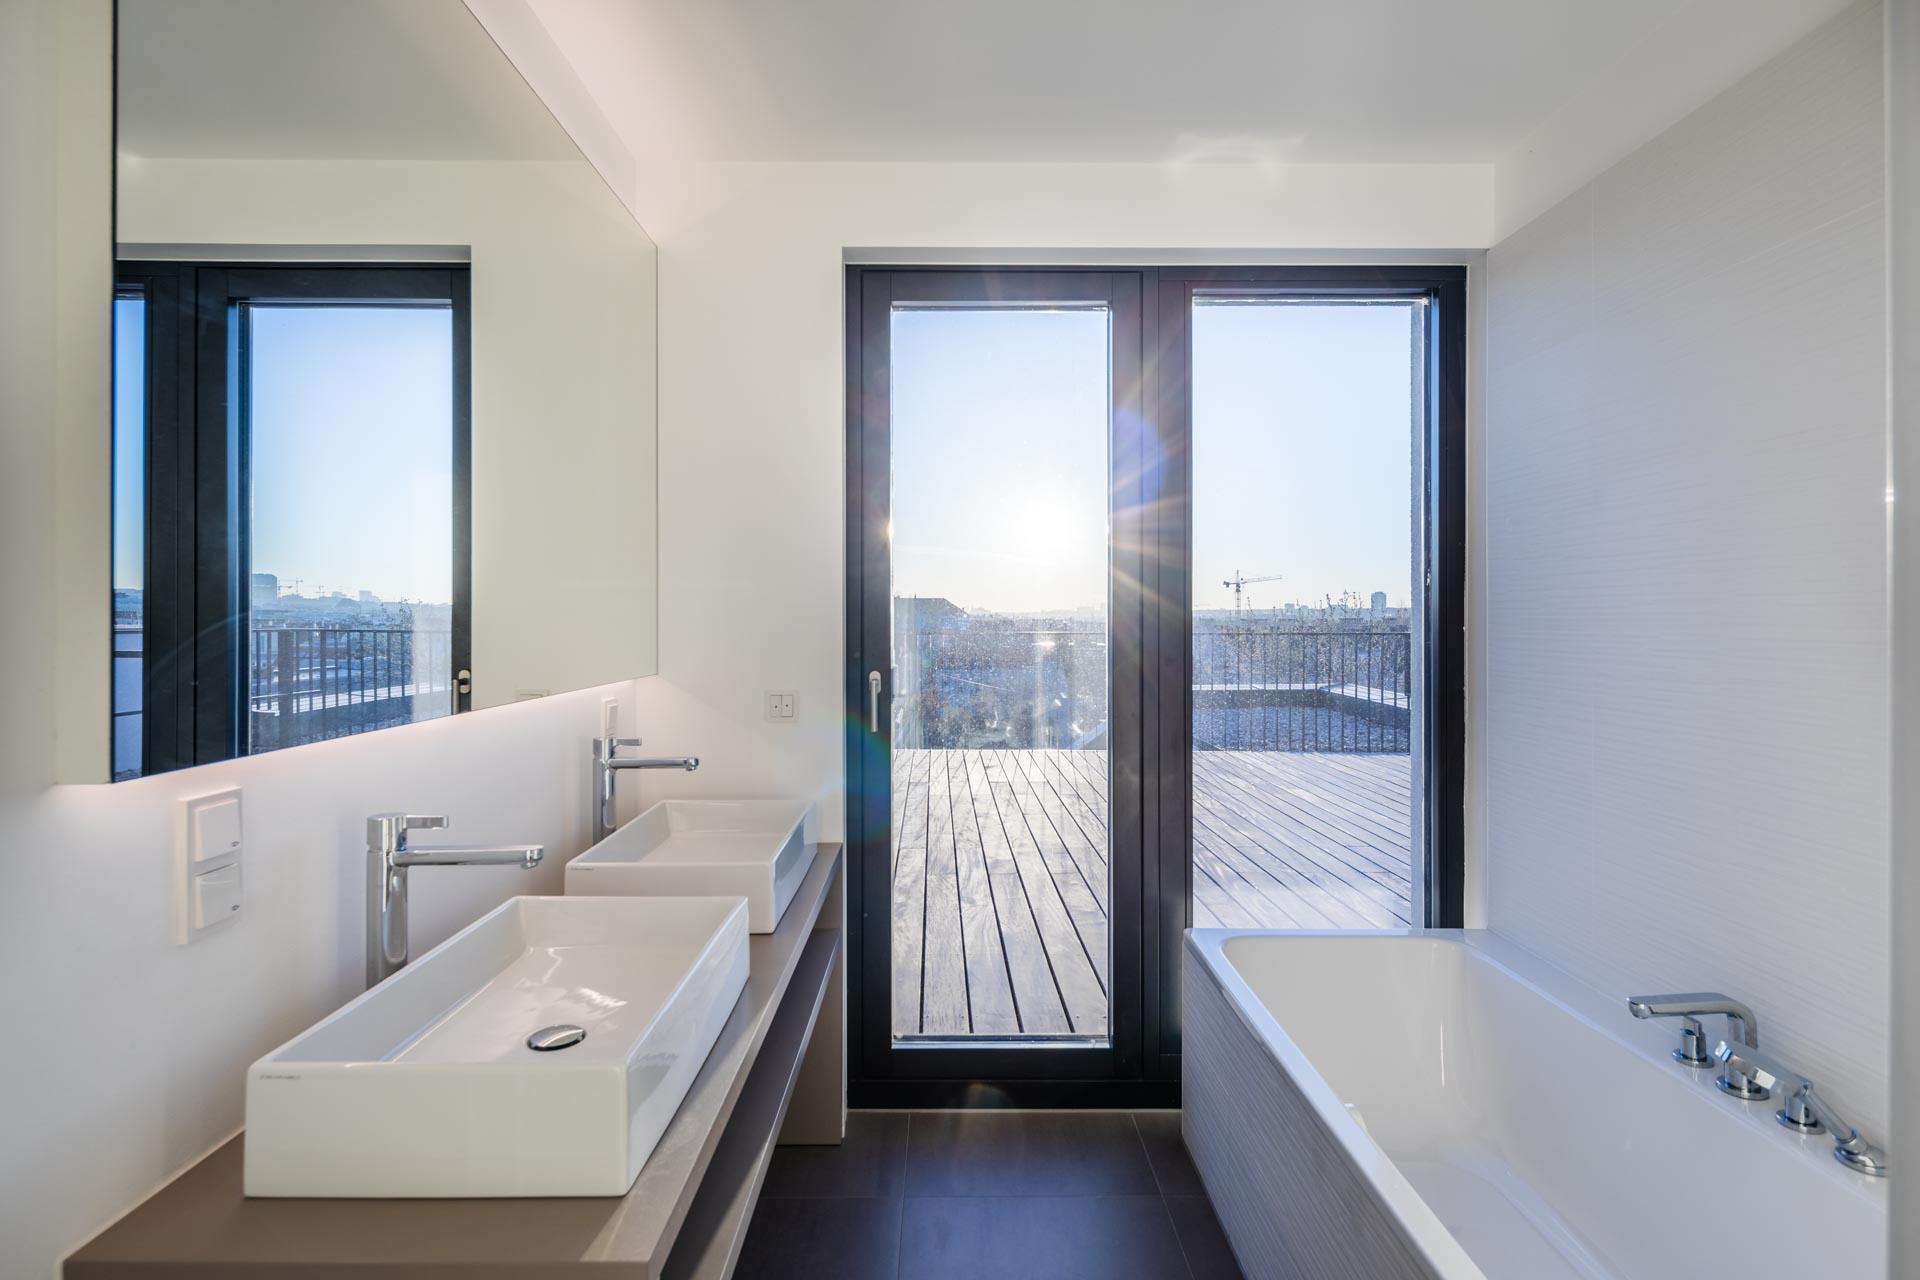 AVEST - Immobilie in der Hollergasse 40, 1150 Wien. Badezimmer Top 40